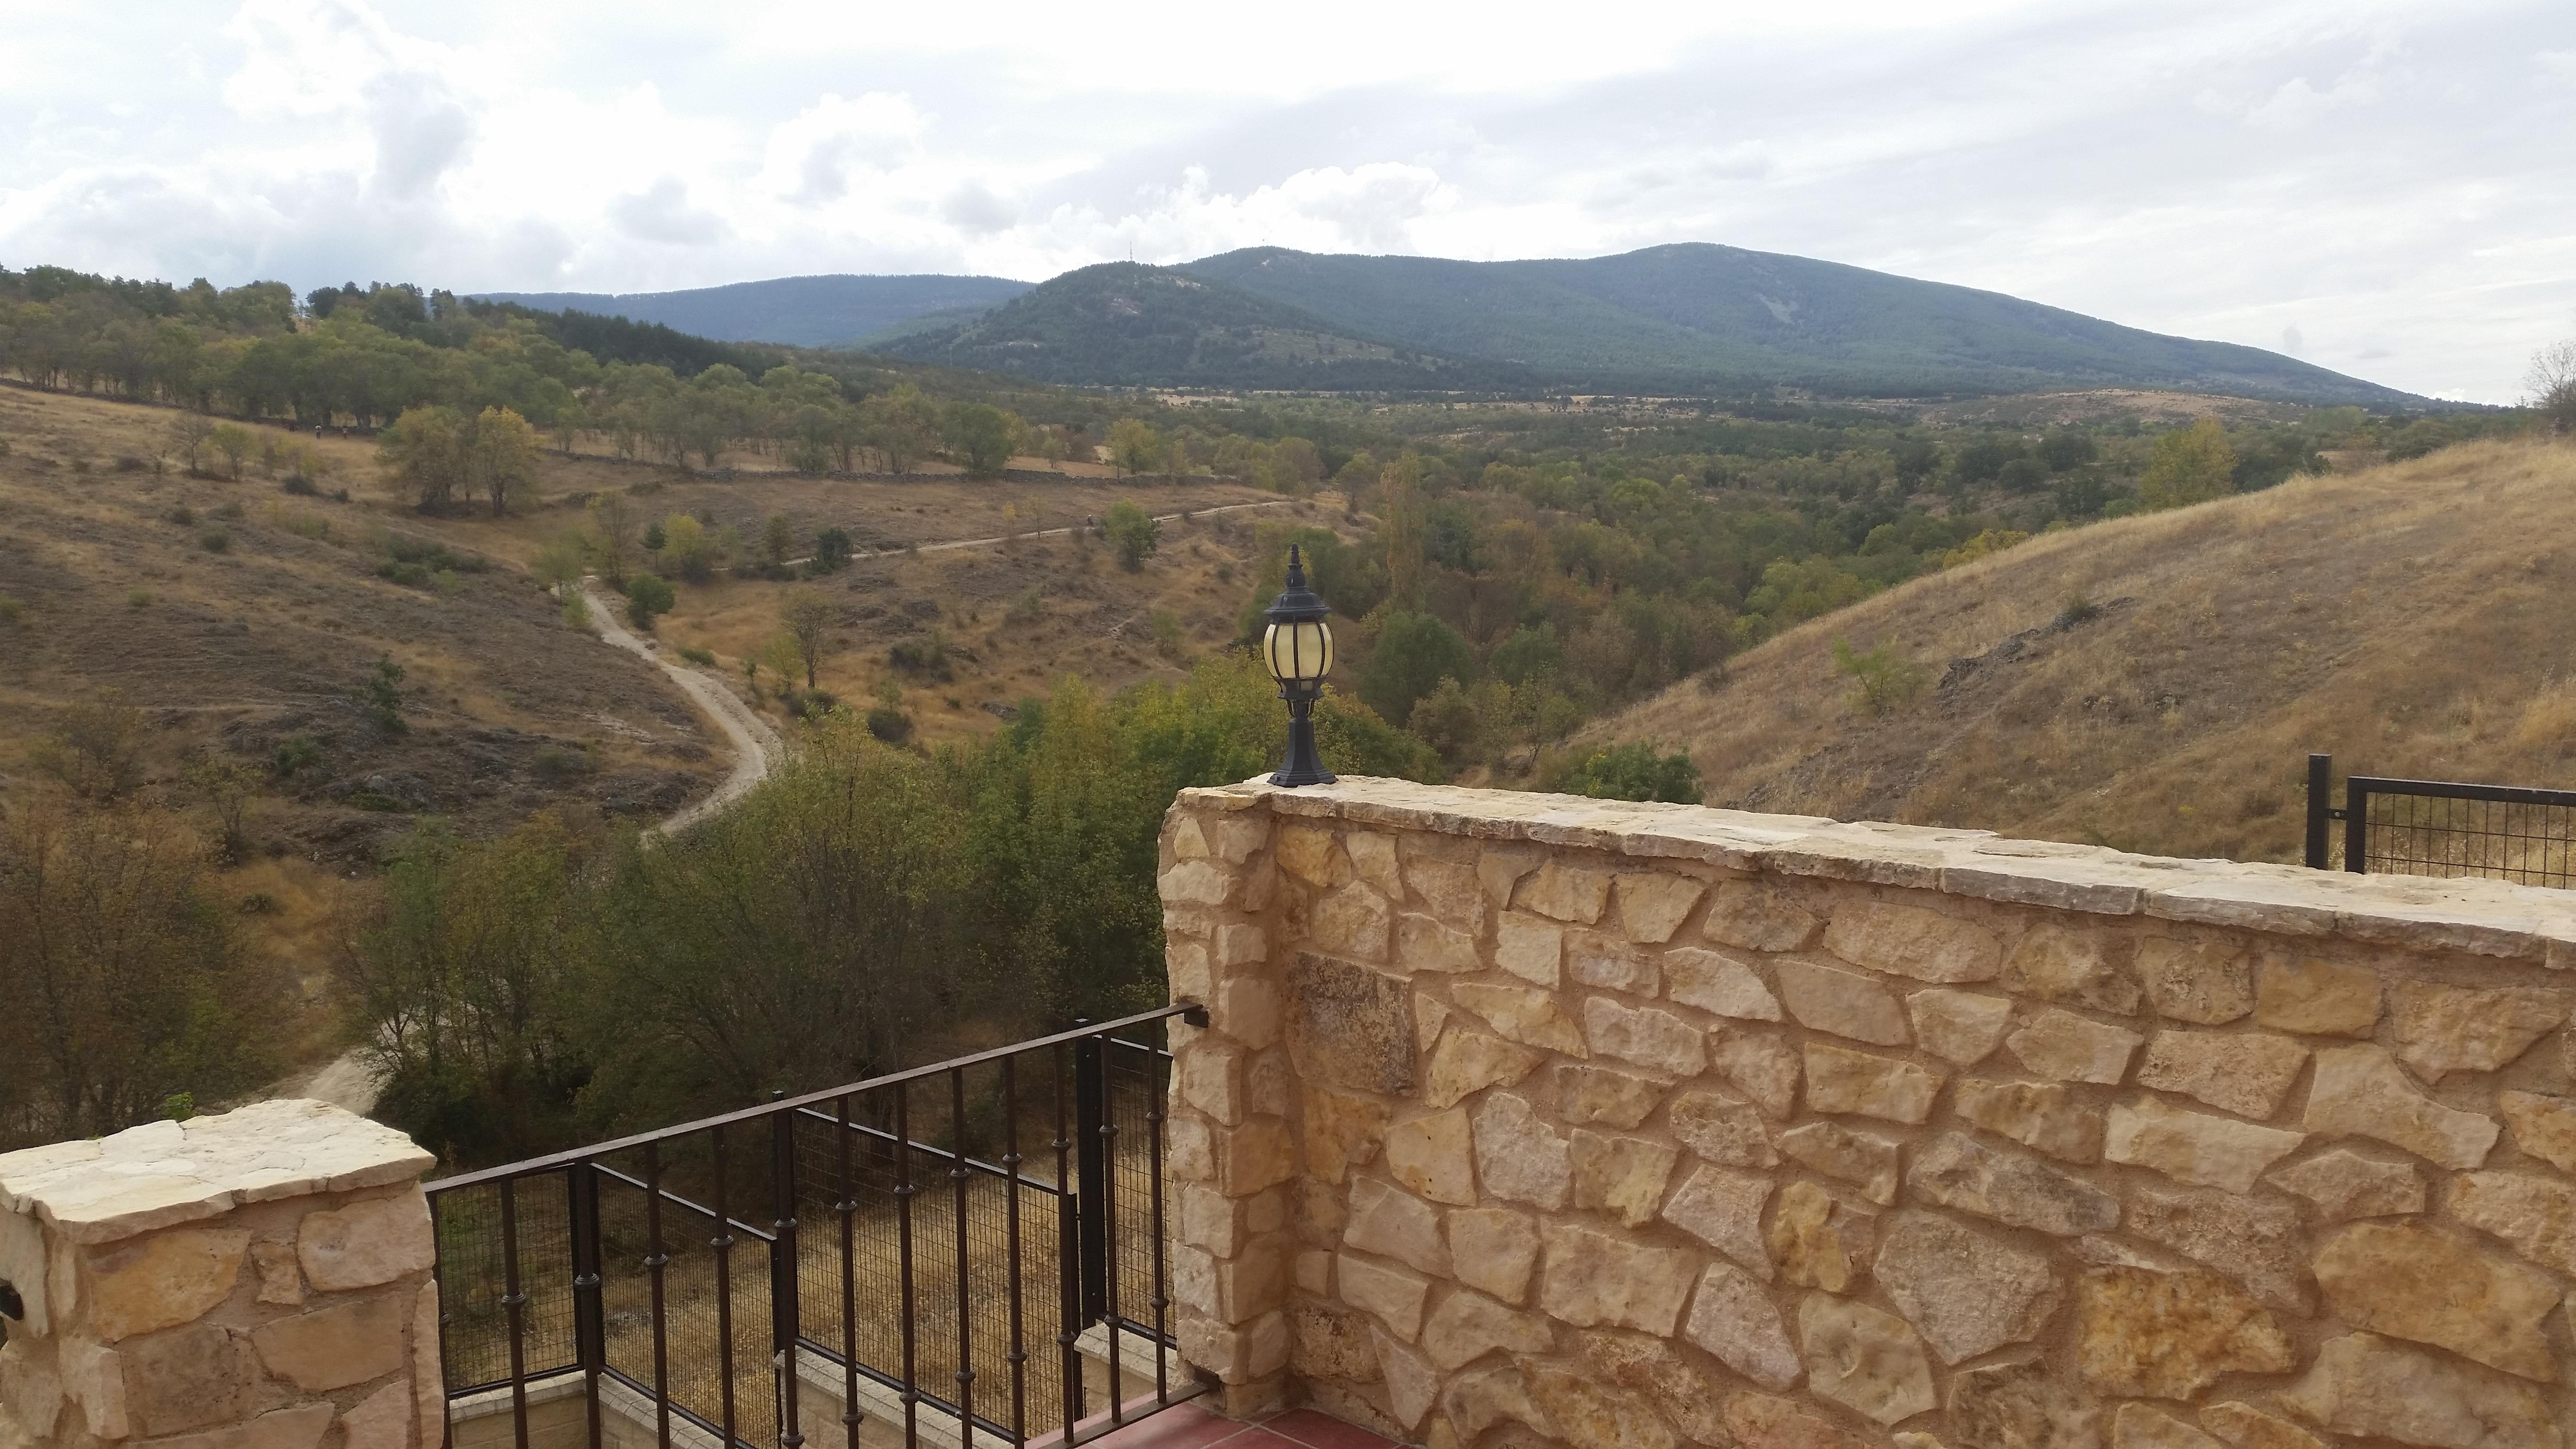 Casa rural de estilo r stico con jard n muy cerca de for El jardin pedraza